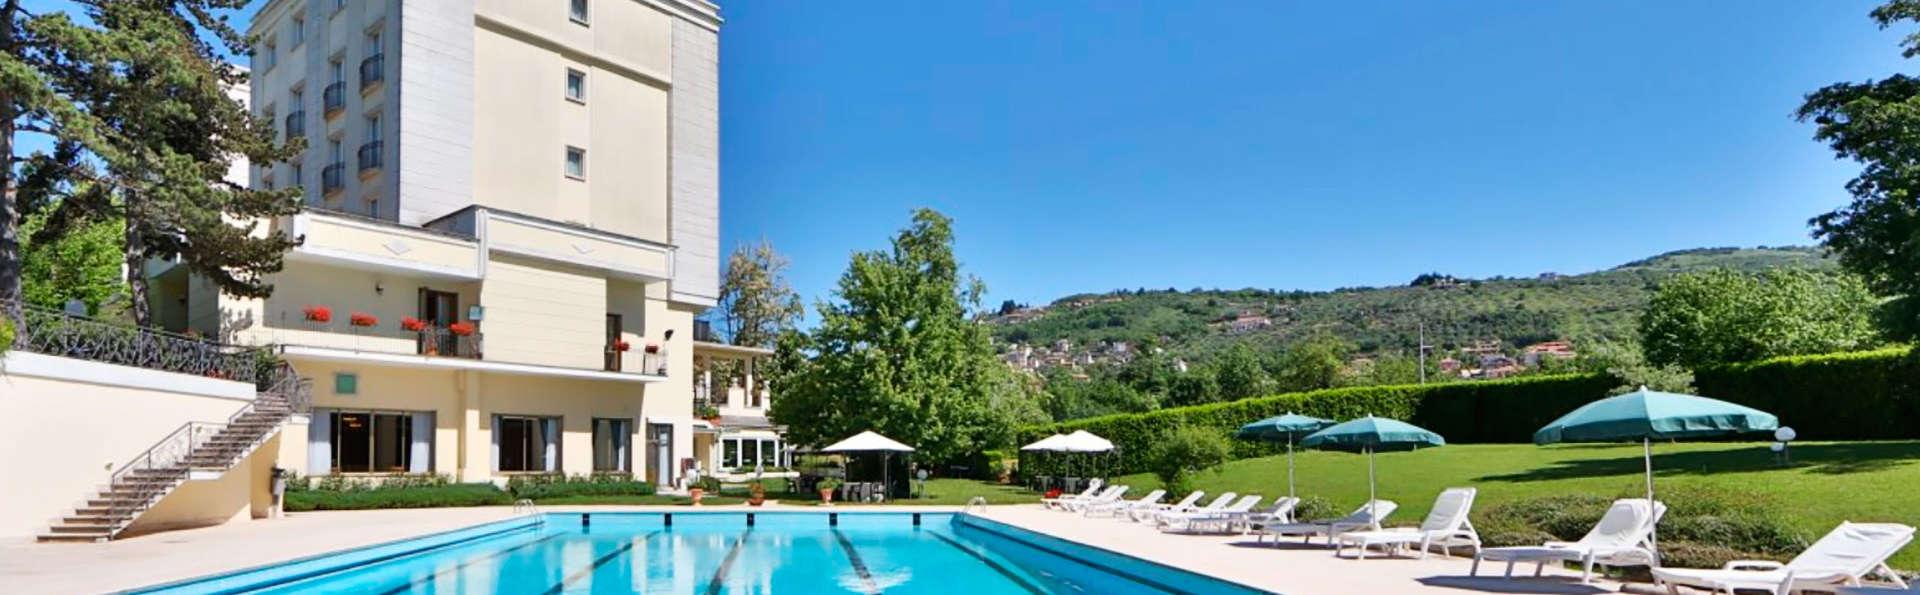 Hotel Fiuggi Terme Resort & SPA - edit_poolfront.jpg